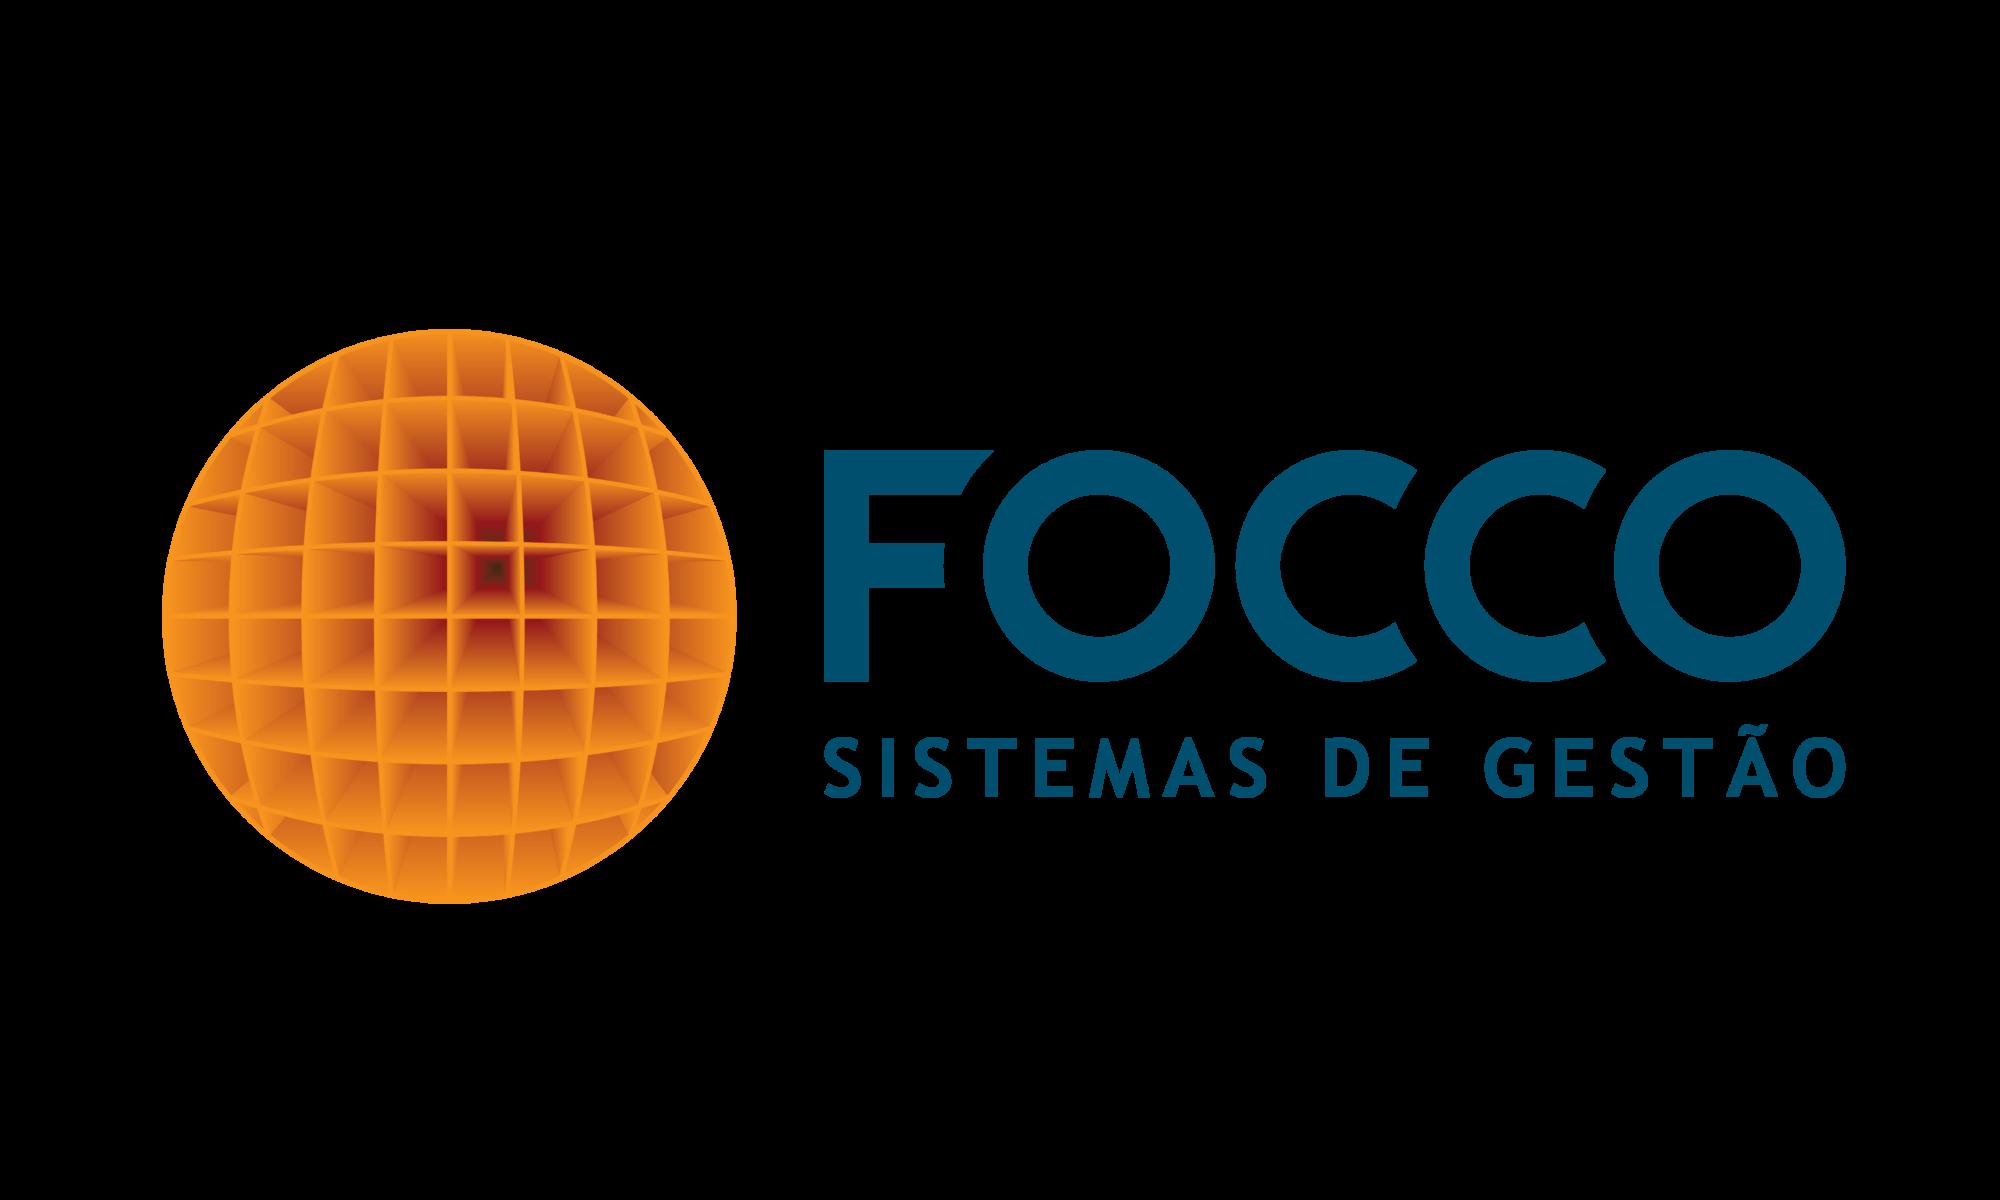 focco_logo